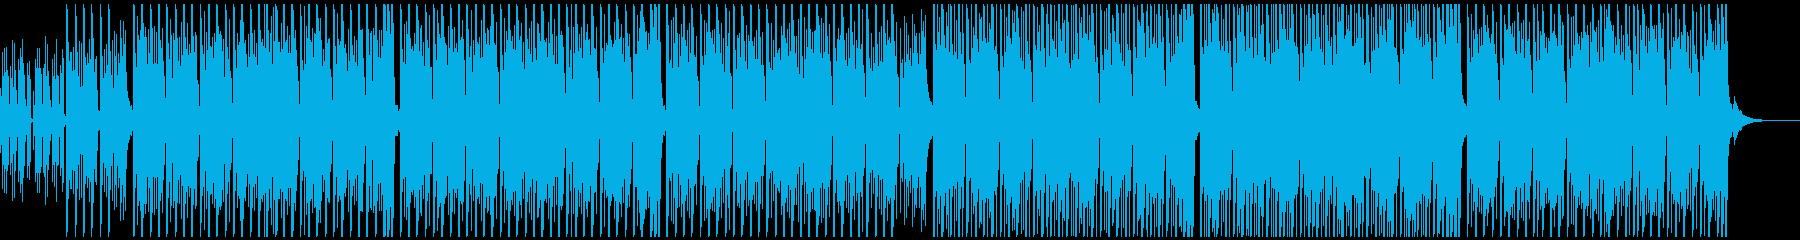 エレクトロスポーツの再生済みの波形